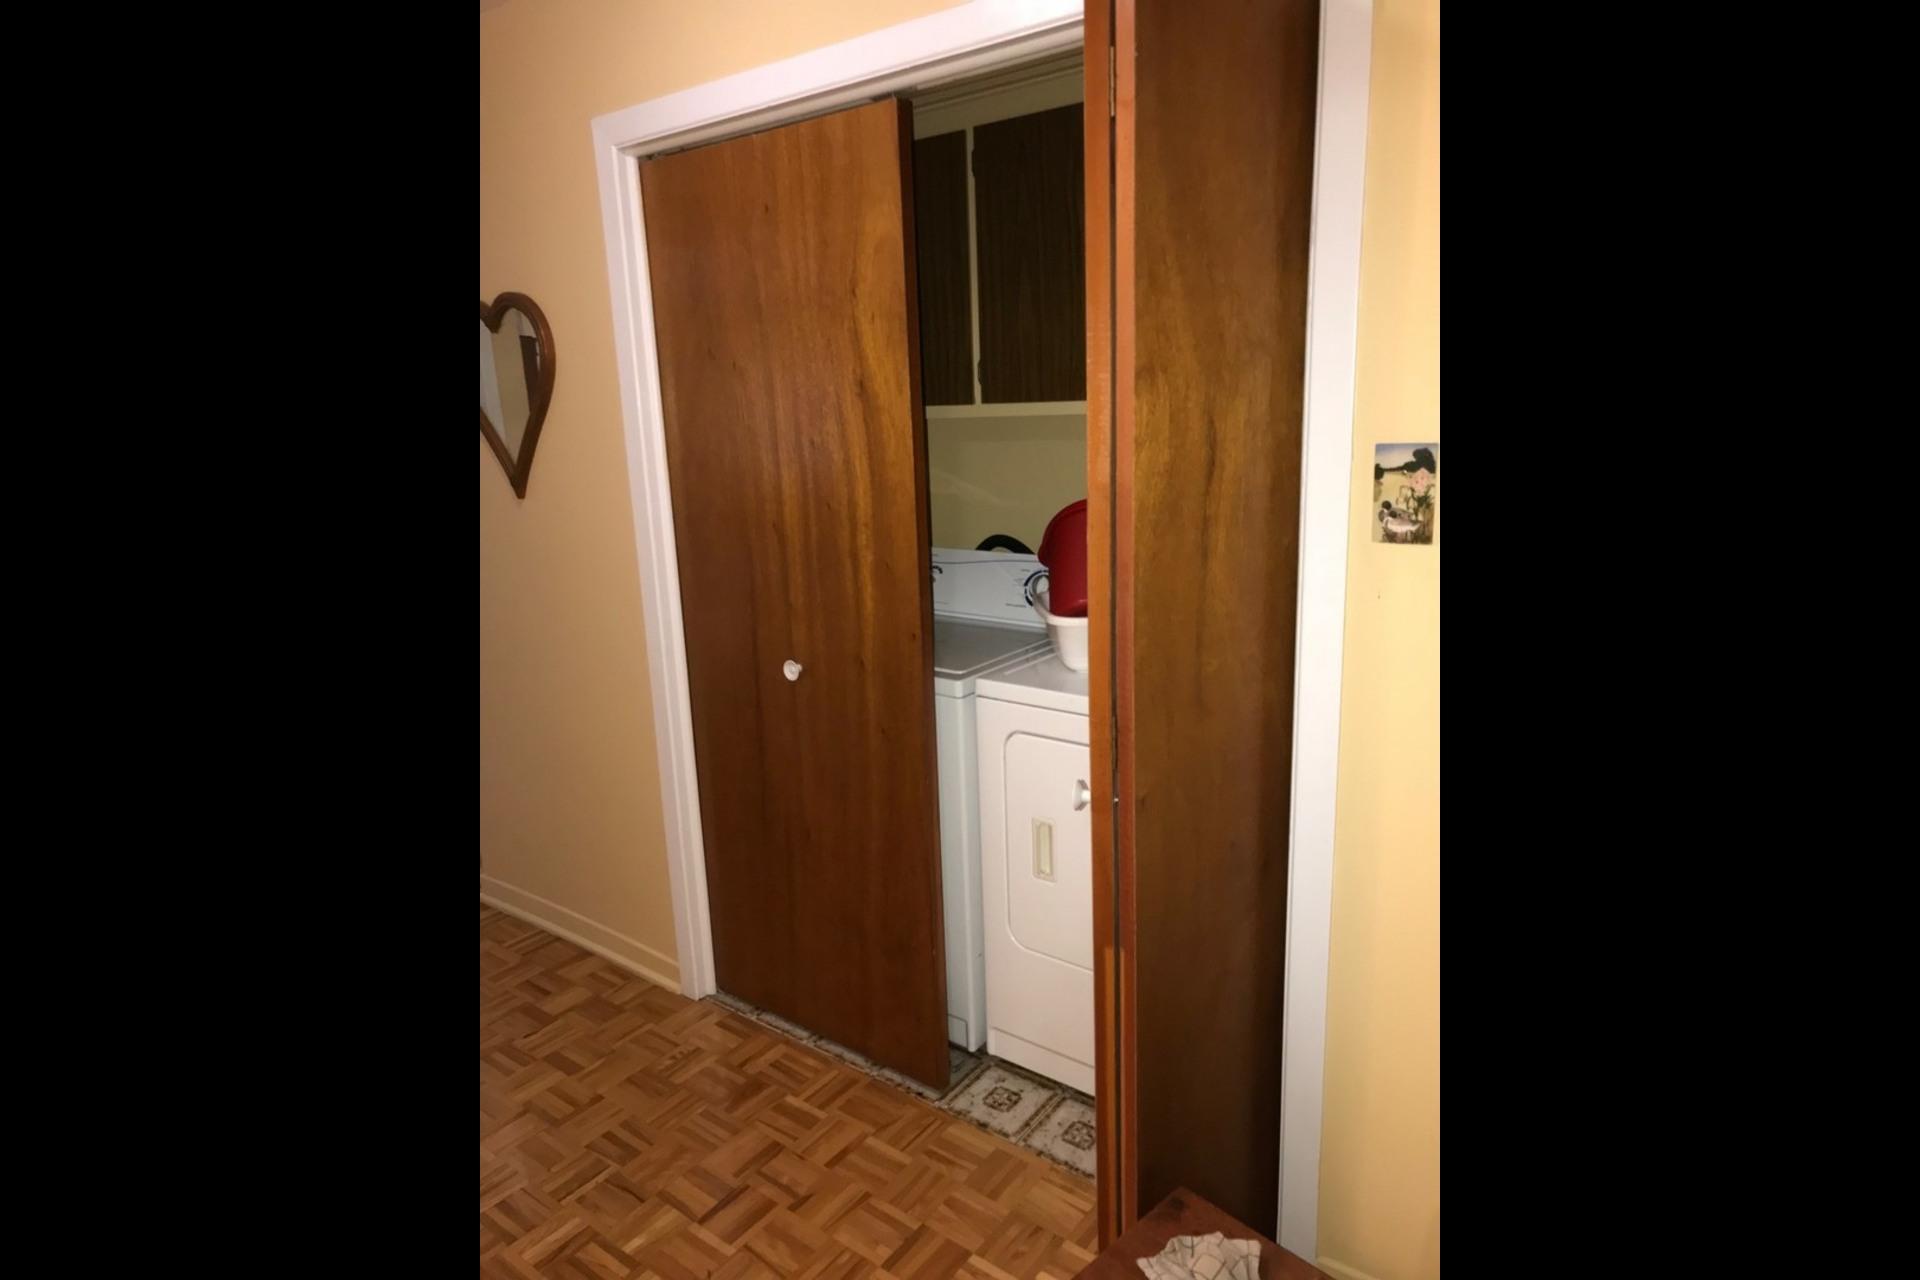 image 10 - Appartement À louer Montréal Mercier-ouest - 4 pièces